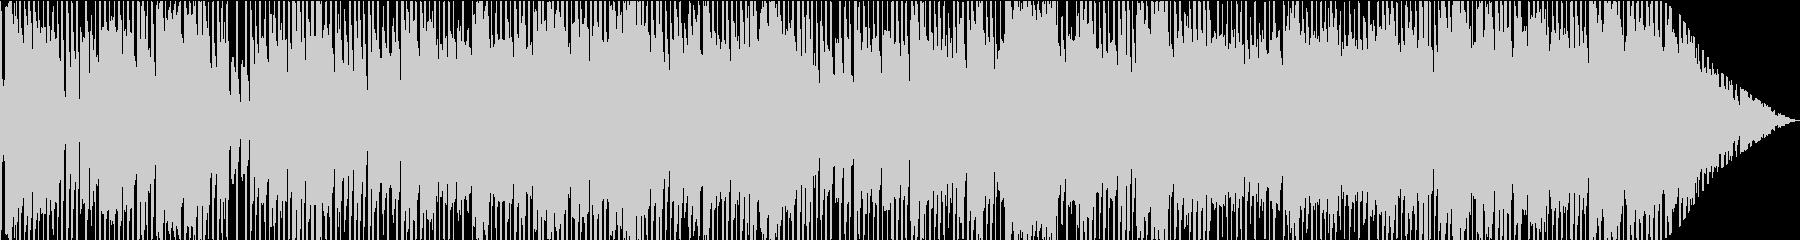 グルーヴィーなエレキギターのメロデ...の未再生の波形